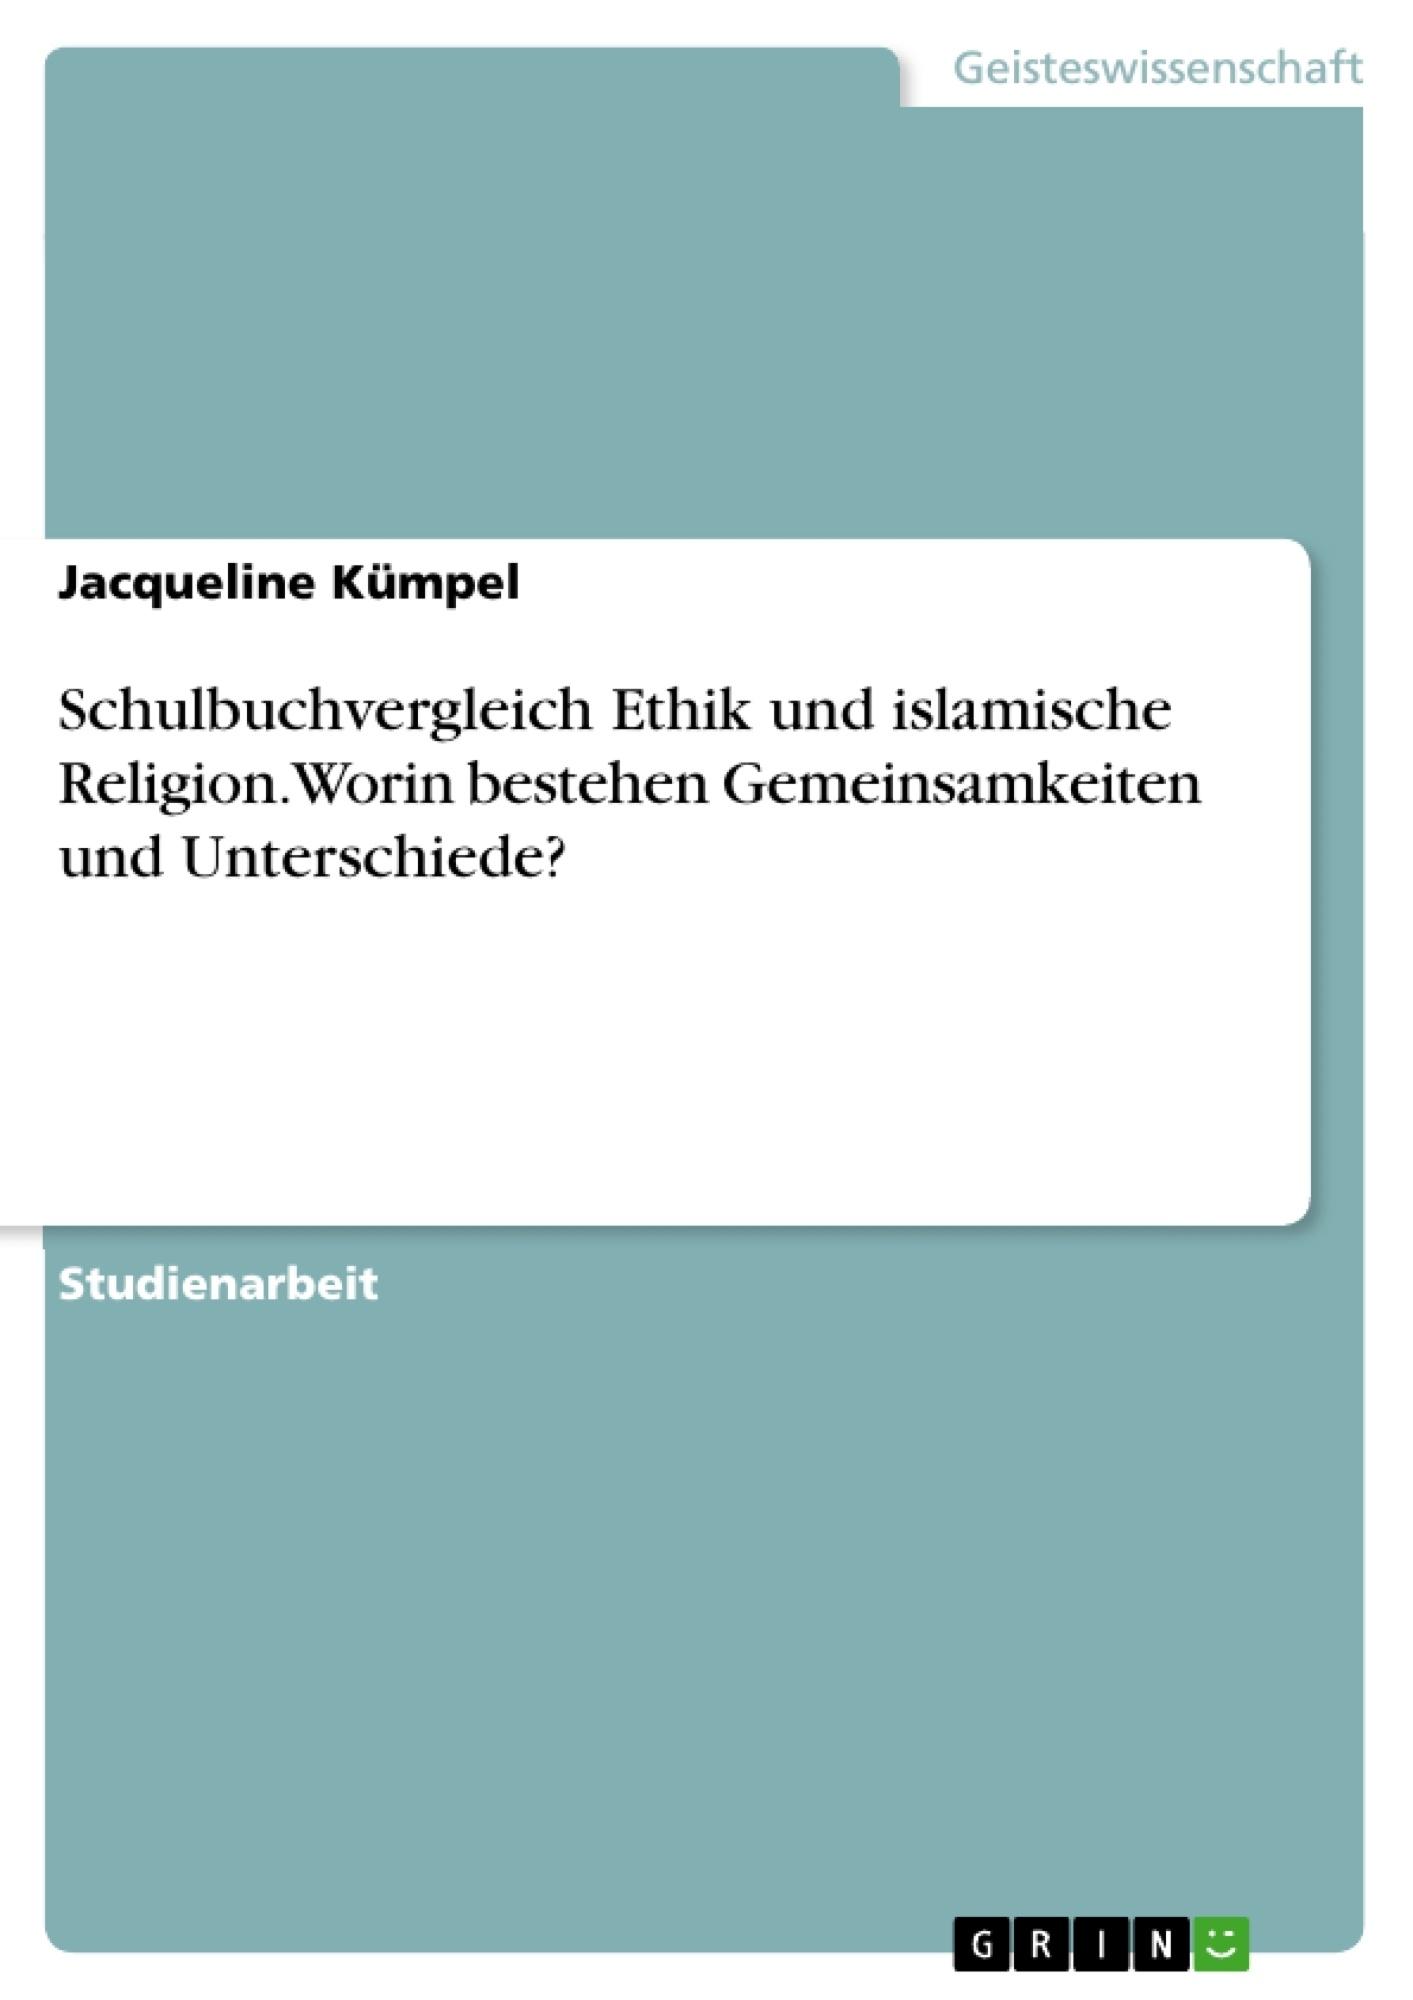 Titel: Schulbuchvergleich Ethik und islamische Religion. Worin bestehen Gemeinsamkeiten und Unterschiede?